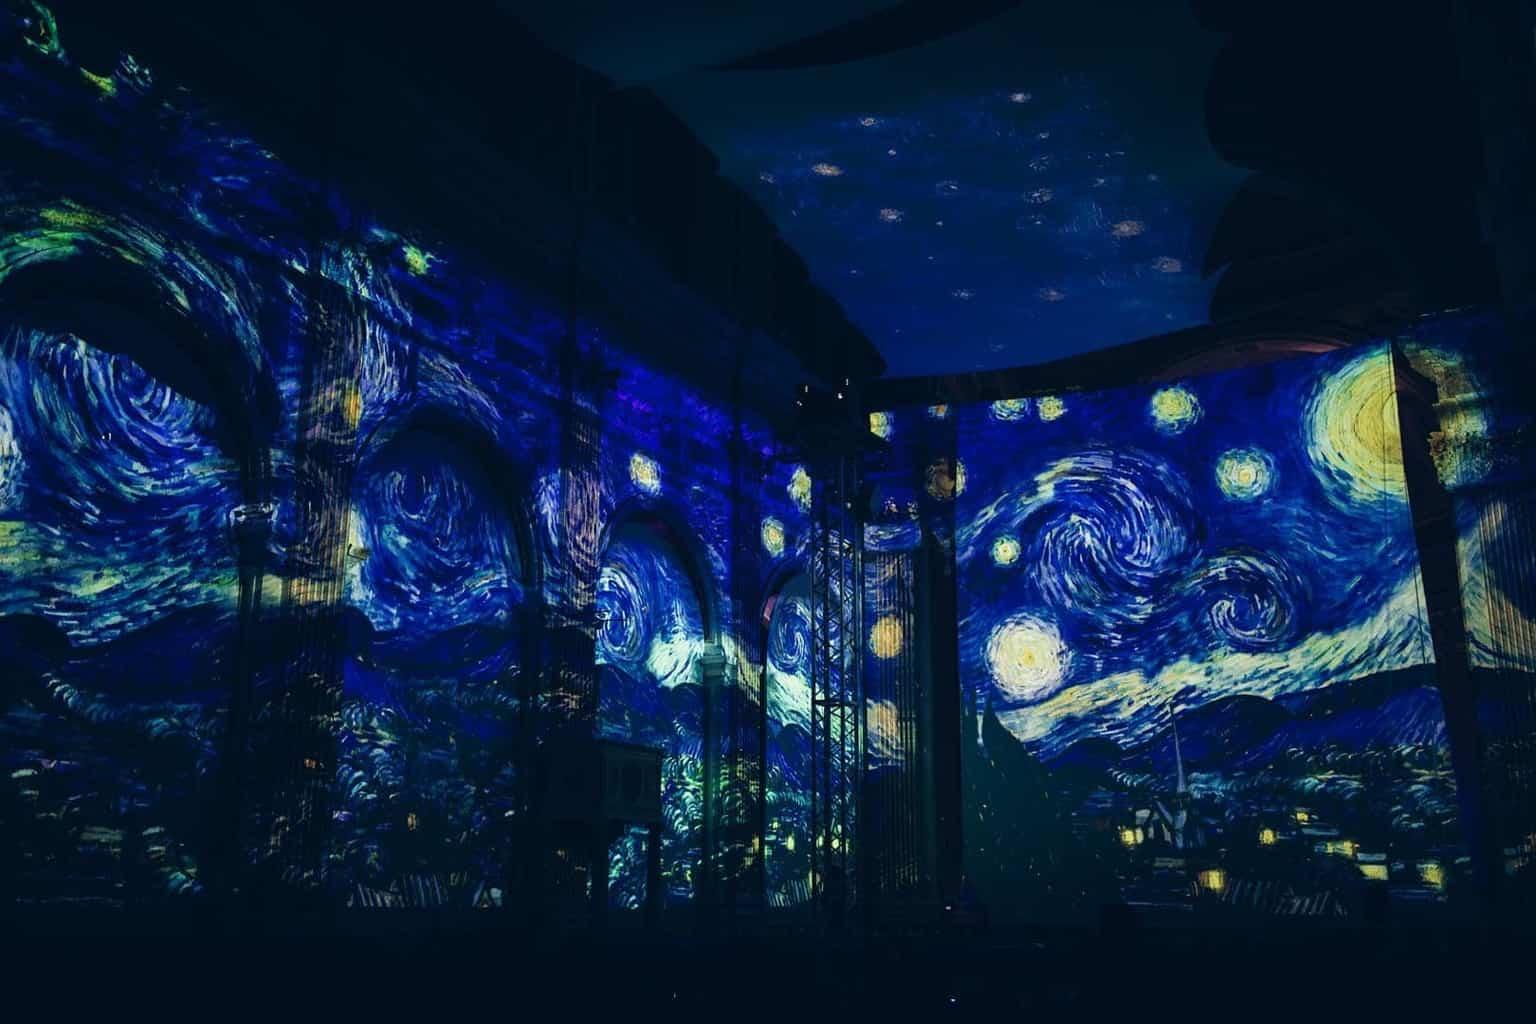 Vincent van Gogh Experience in LA